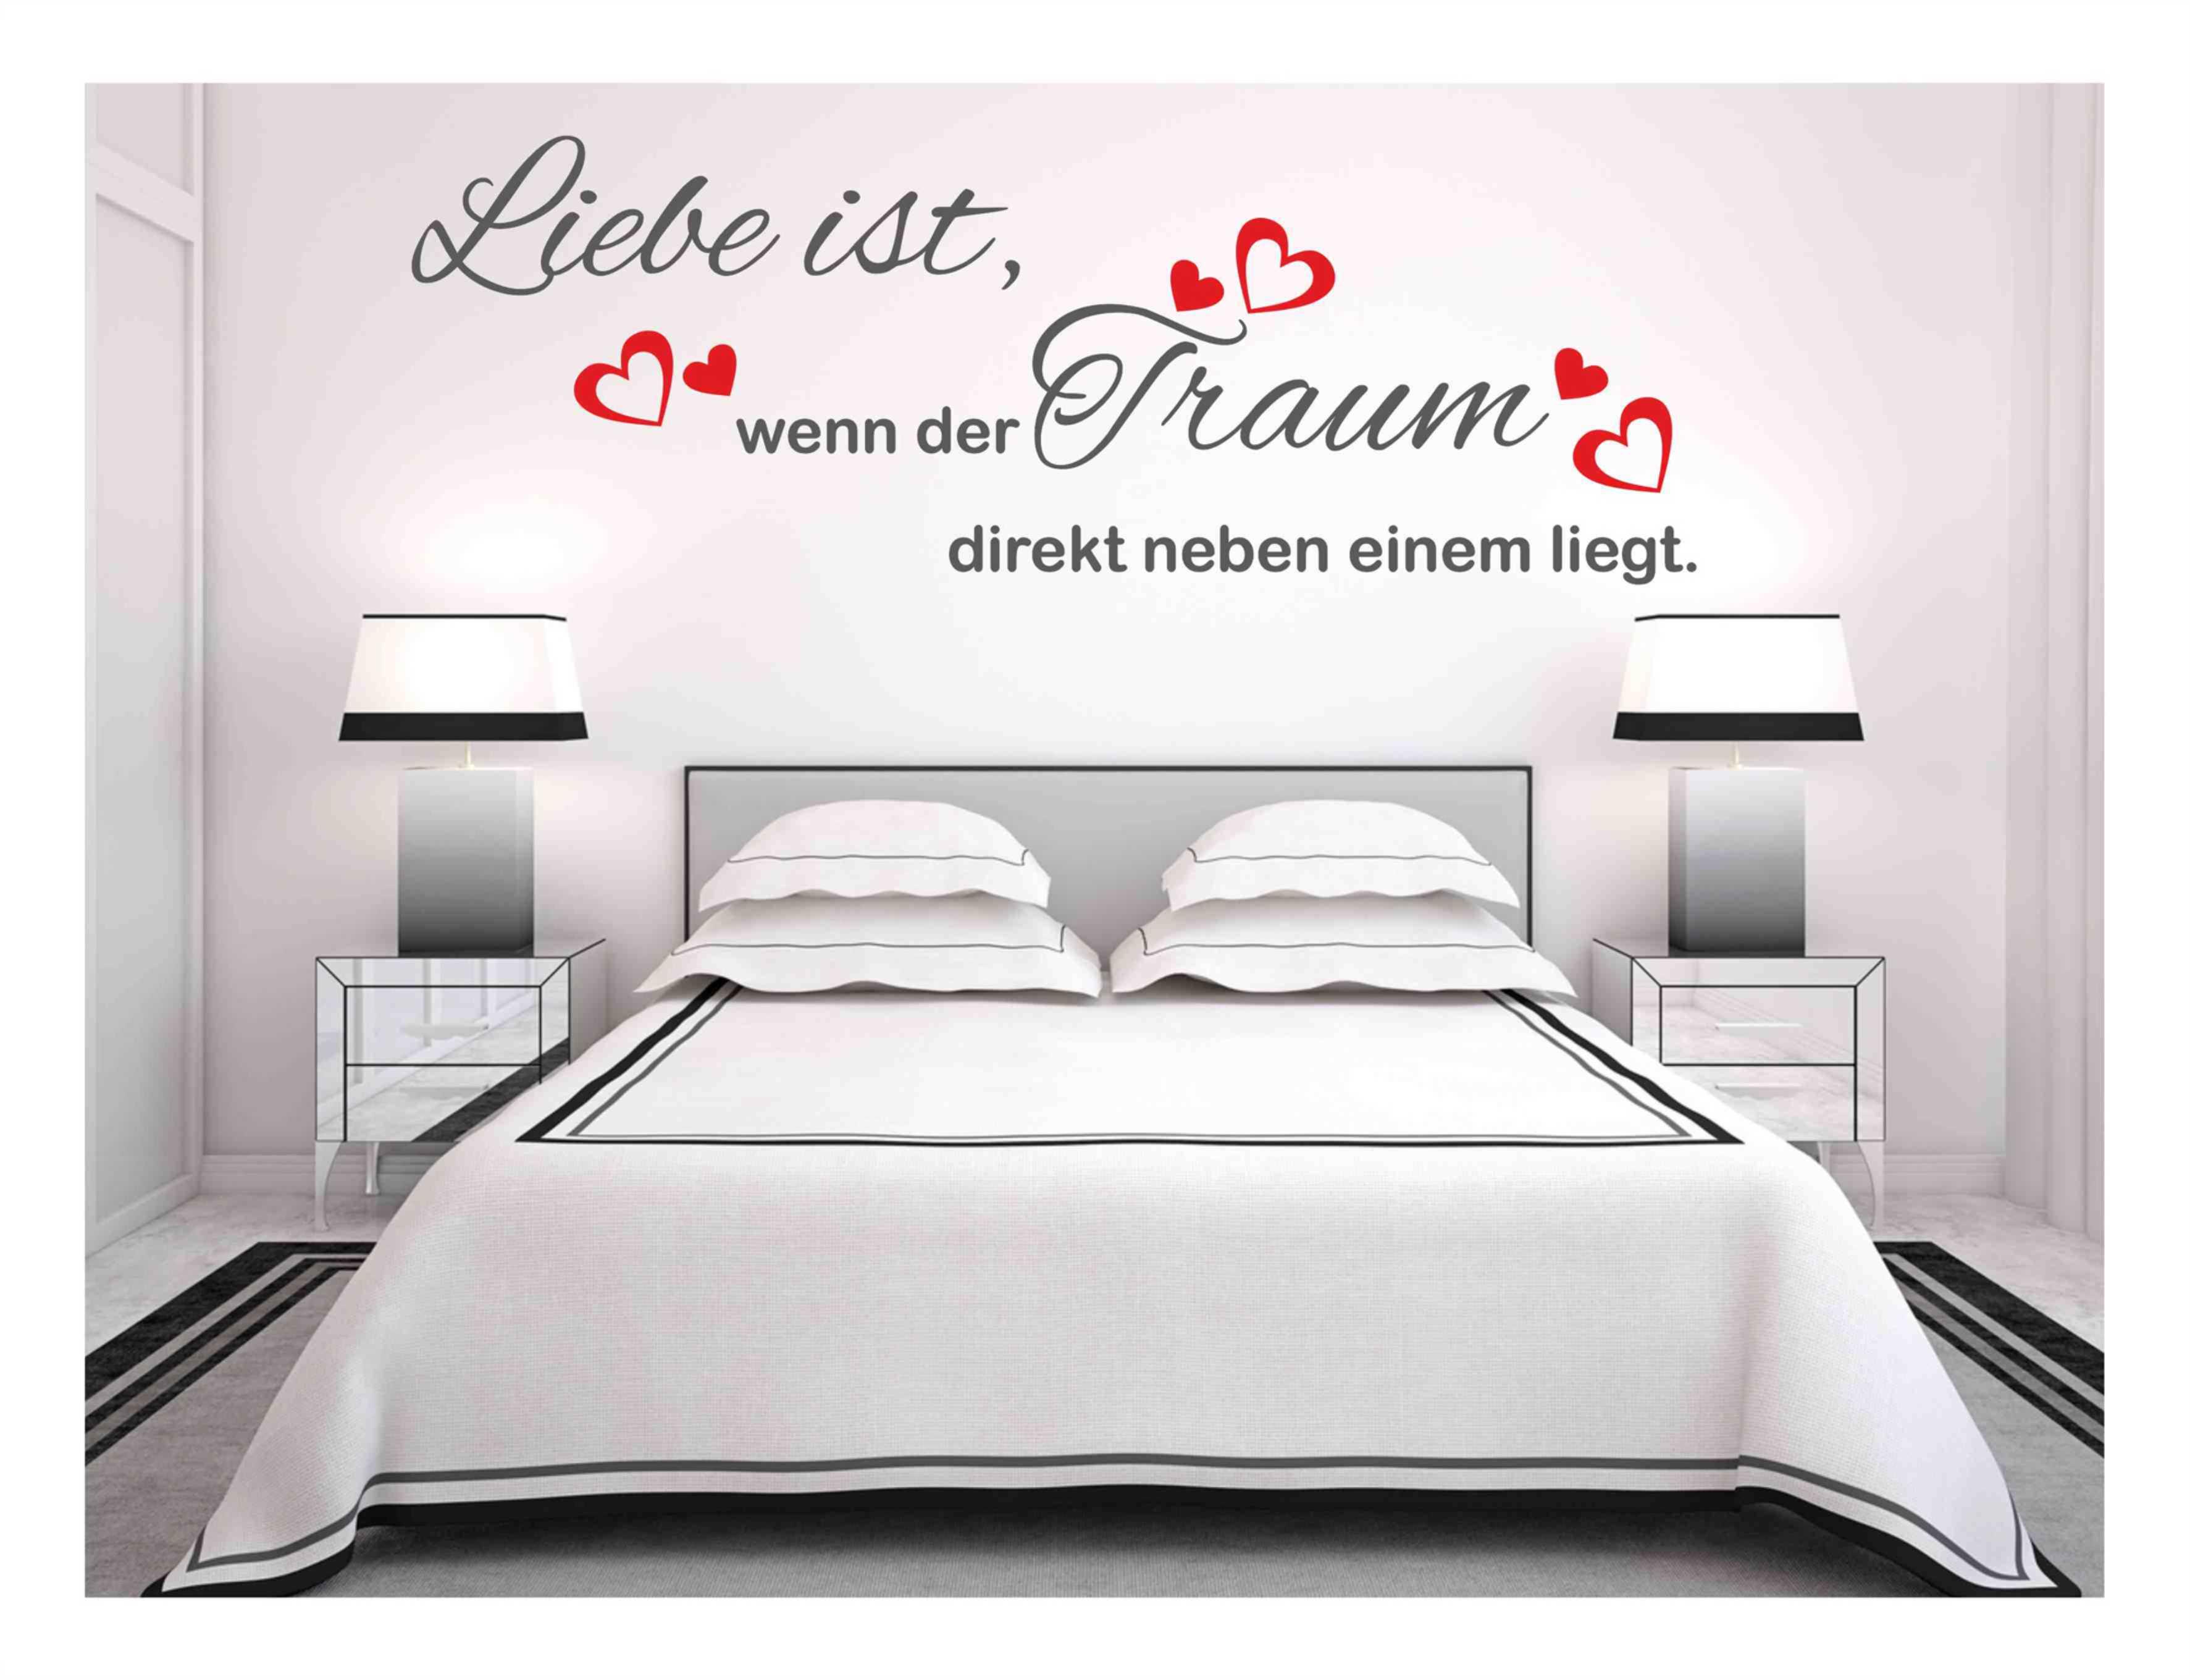 wandtattoo liebe ist spr che herz schlafzimmer traum aufkleber 114 ebay. Black Bedroom Furniture Sets. Home Design Ideas